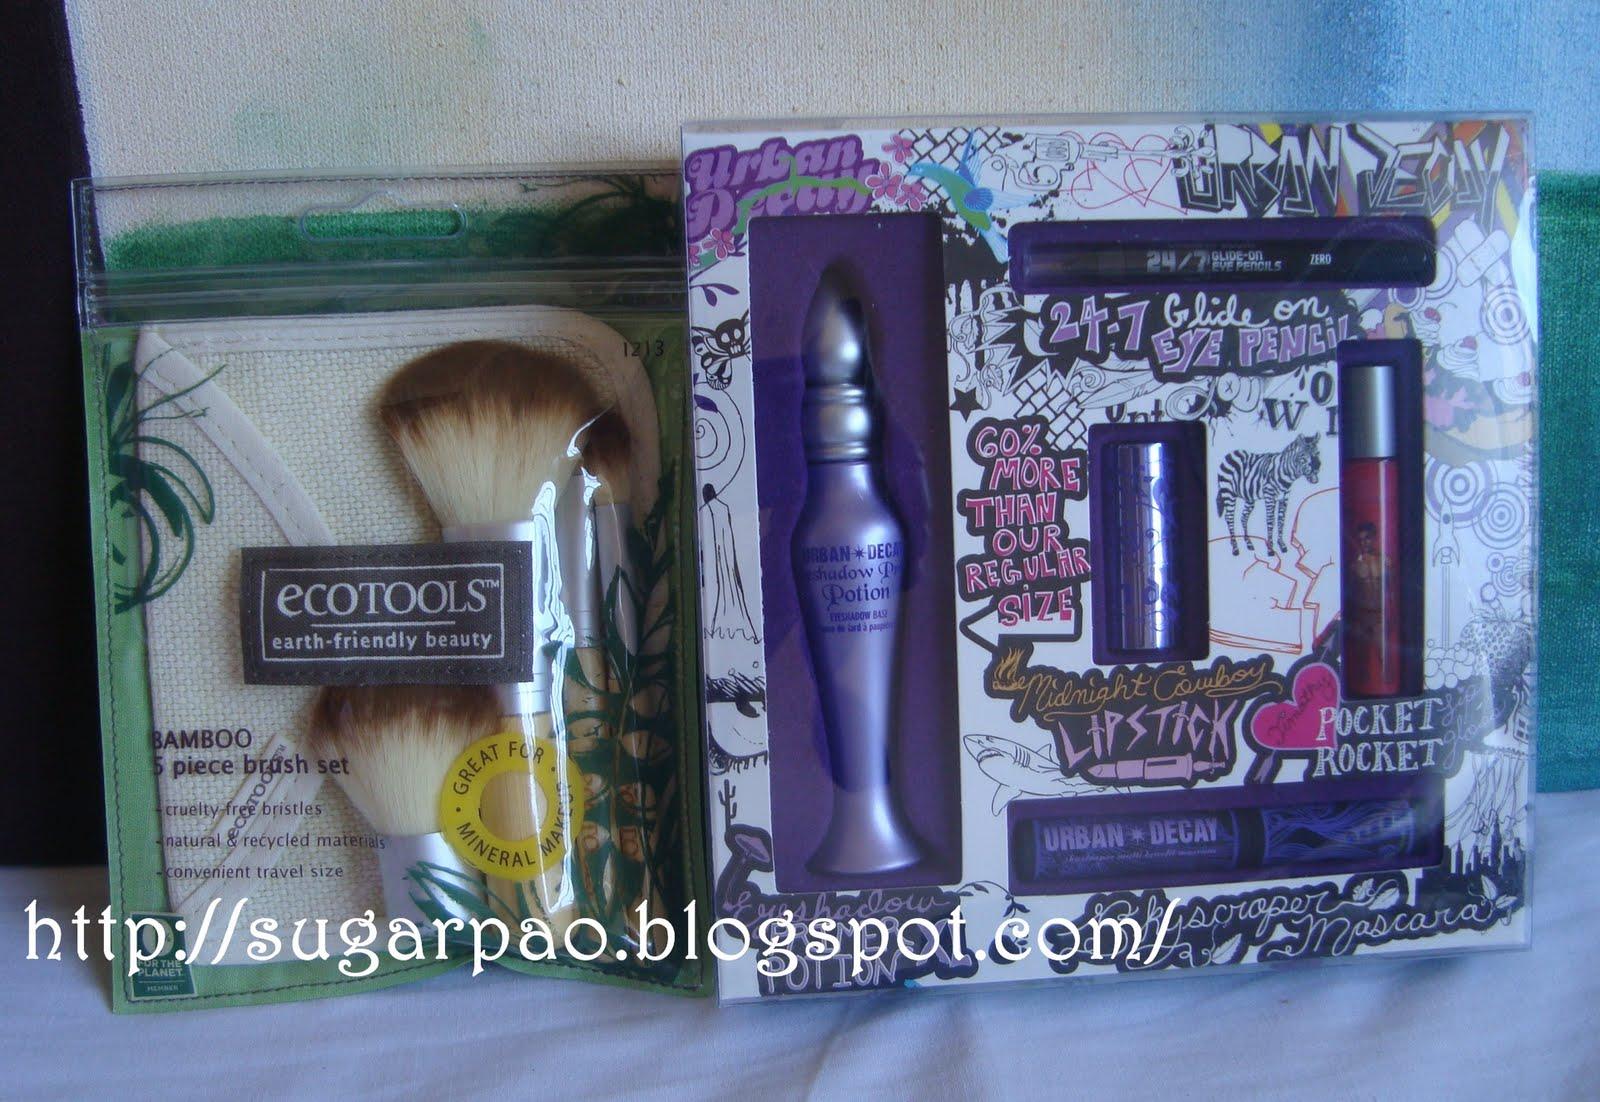 http://4.bp.blogspot.com/_YENlIXtQstw/TCGdTVH_pII/AAAAAAAAASk/Aw_00mi4PCw/s1600/DSC06143.JPG